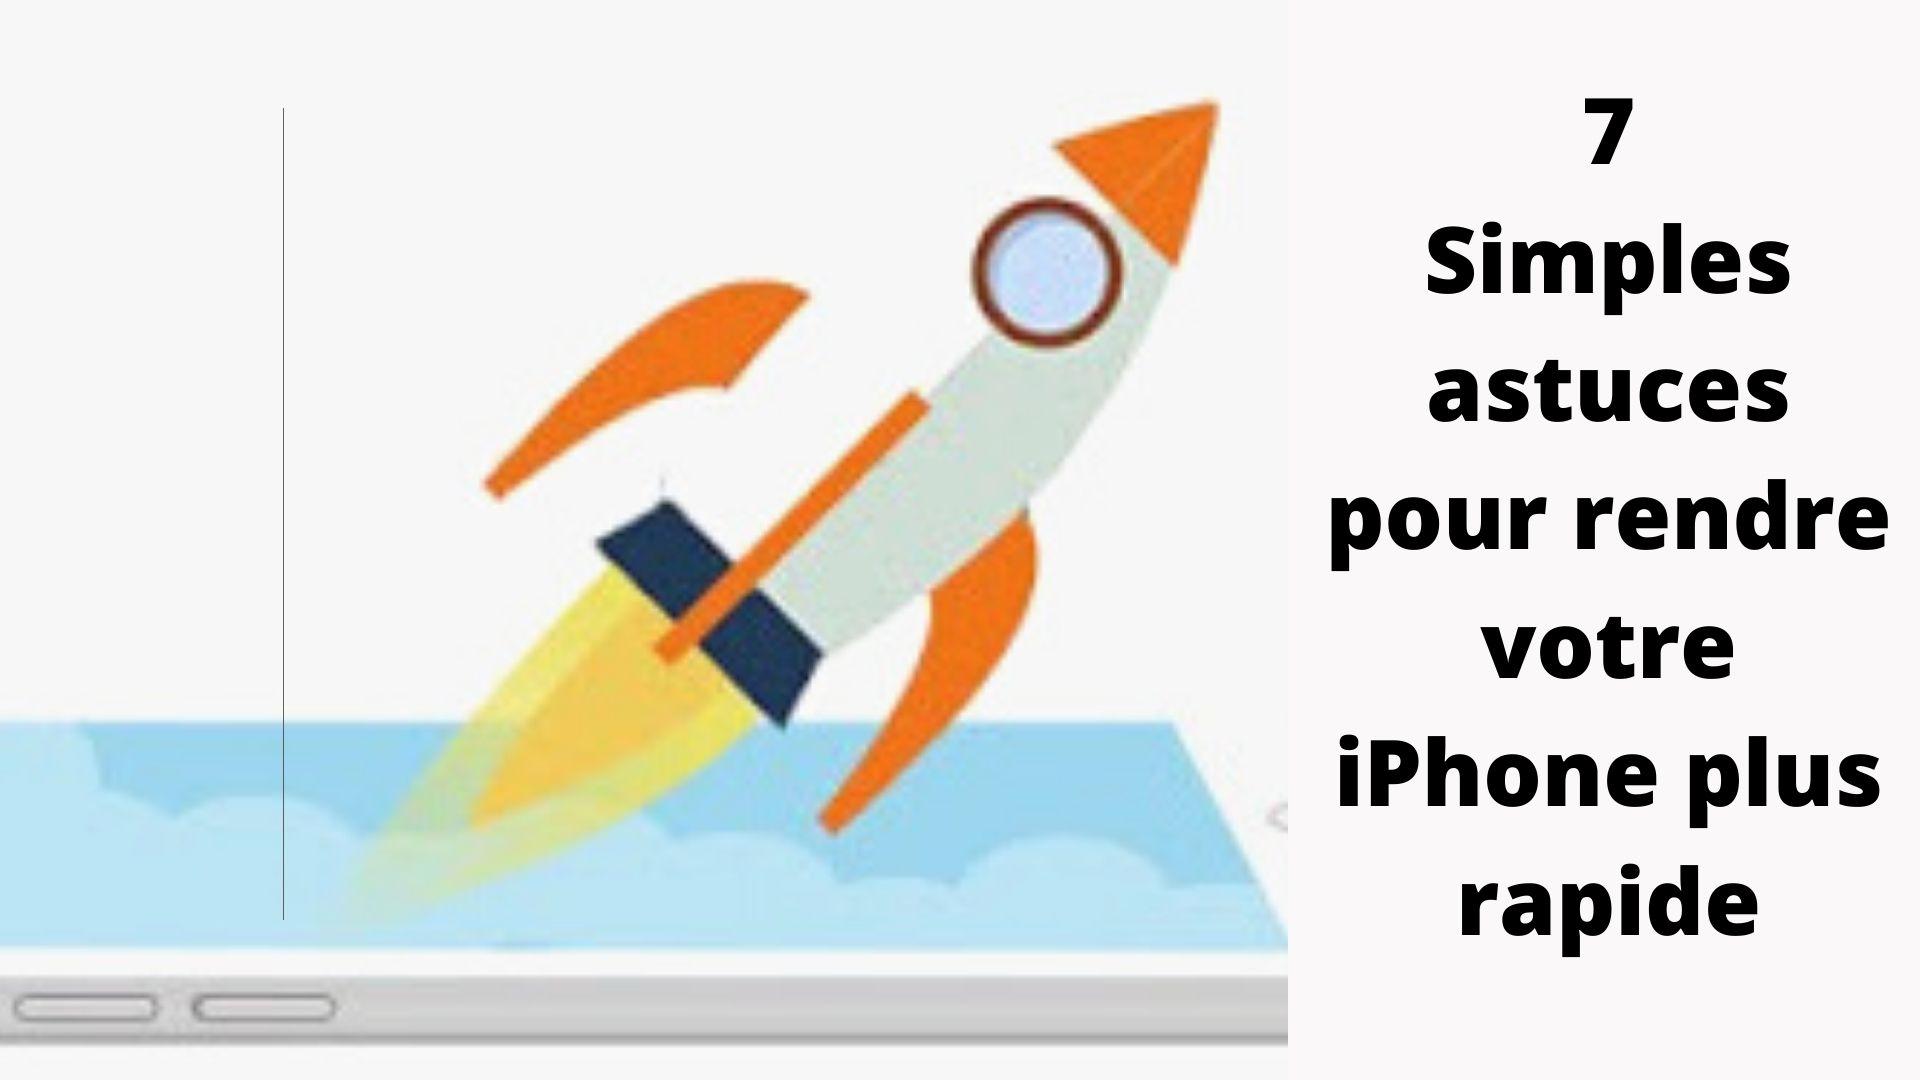 Simples astuces pour rendre votre iPhone plus rapide